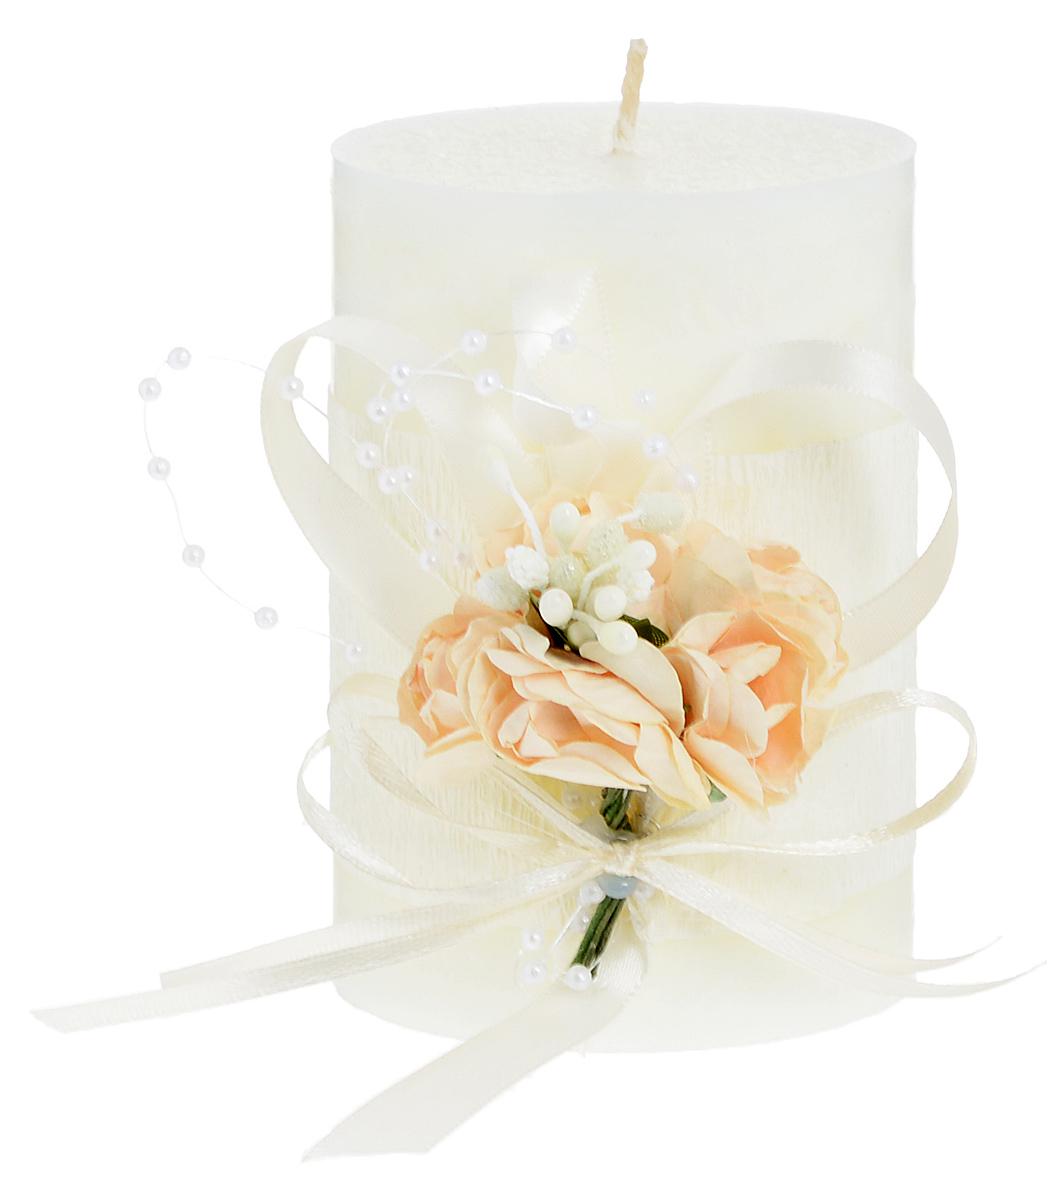 Свеча декоративная Win Max Свадебная, высота 10 смRG-D31SСвеча декоративная Win Max Свадебная выполнена из парафина шампанского цвета. Изделие выполнено в форме столбика и декорировано композицией из цветов и ленточек.Свеча будет вас радовать и достойно украсит интерьер. Вы можете поставить свечу в любом месте, где она будет удачно смотреться и радовать глаз. Кроме того, эта свеча - отличный вариант подарка для ваших близких и друзей.Диаметр свечи: 7 см.